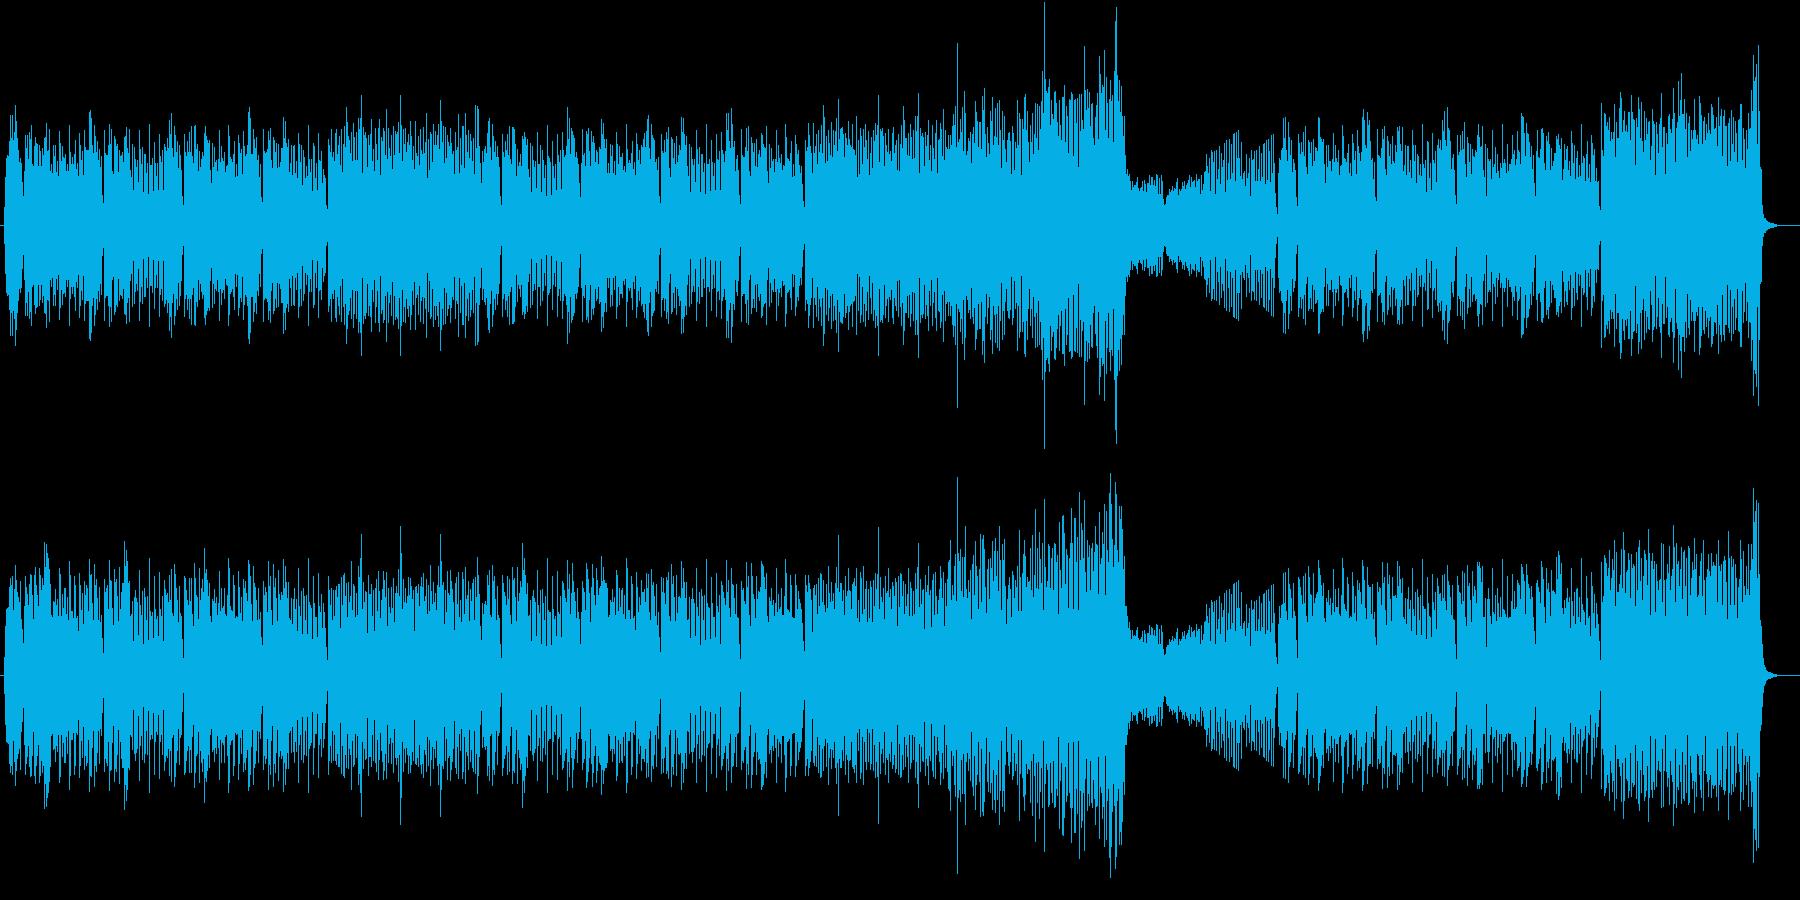 不安感・焦燥感を煽る現代タンゴ風インストの再生済みの波形